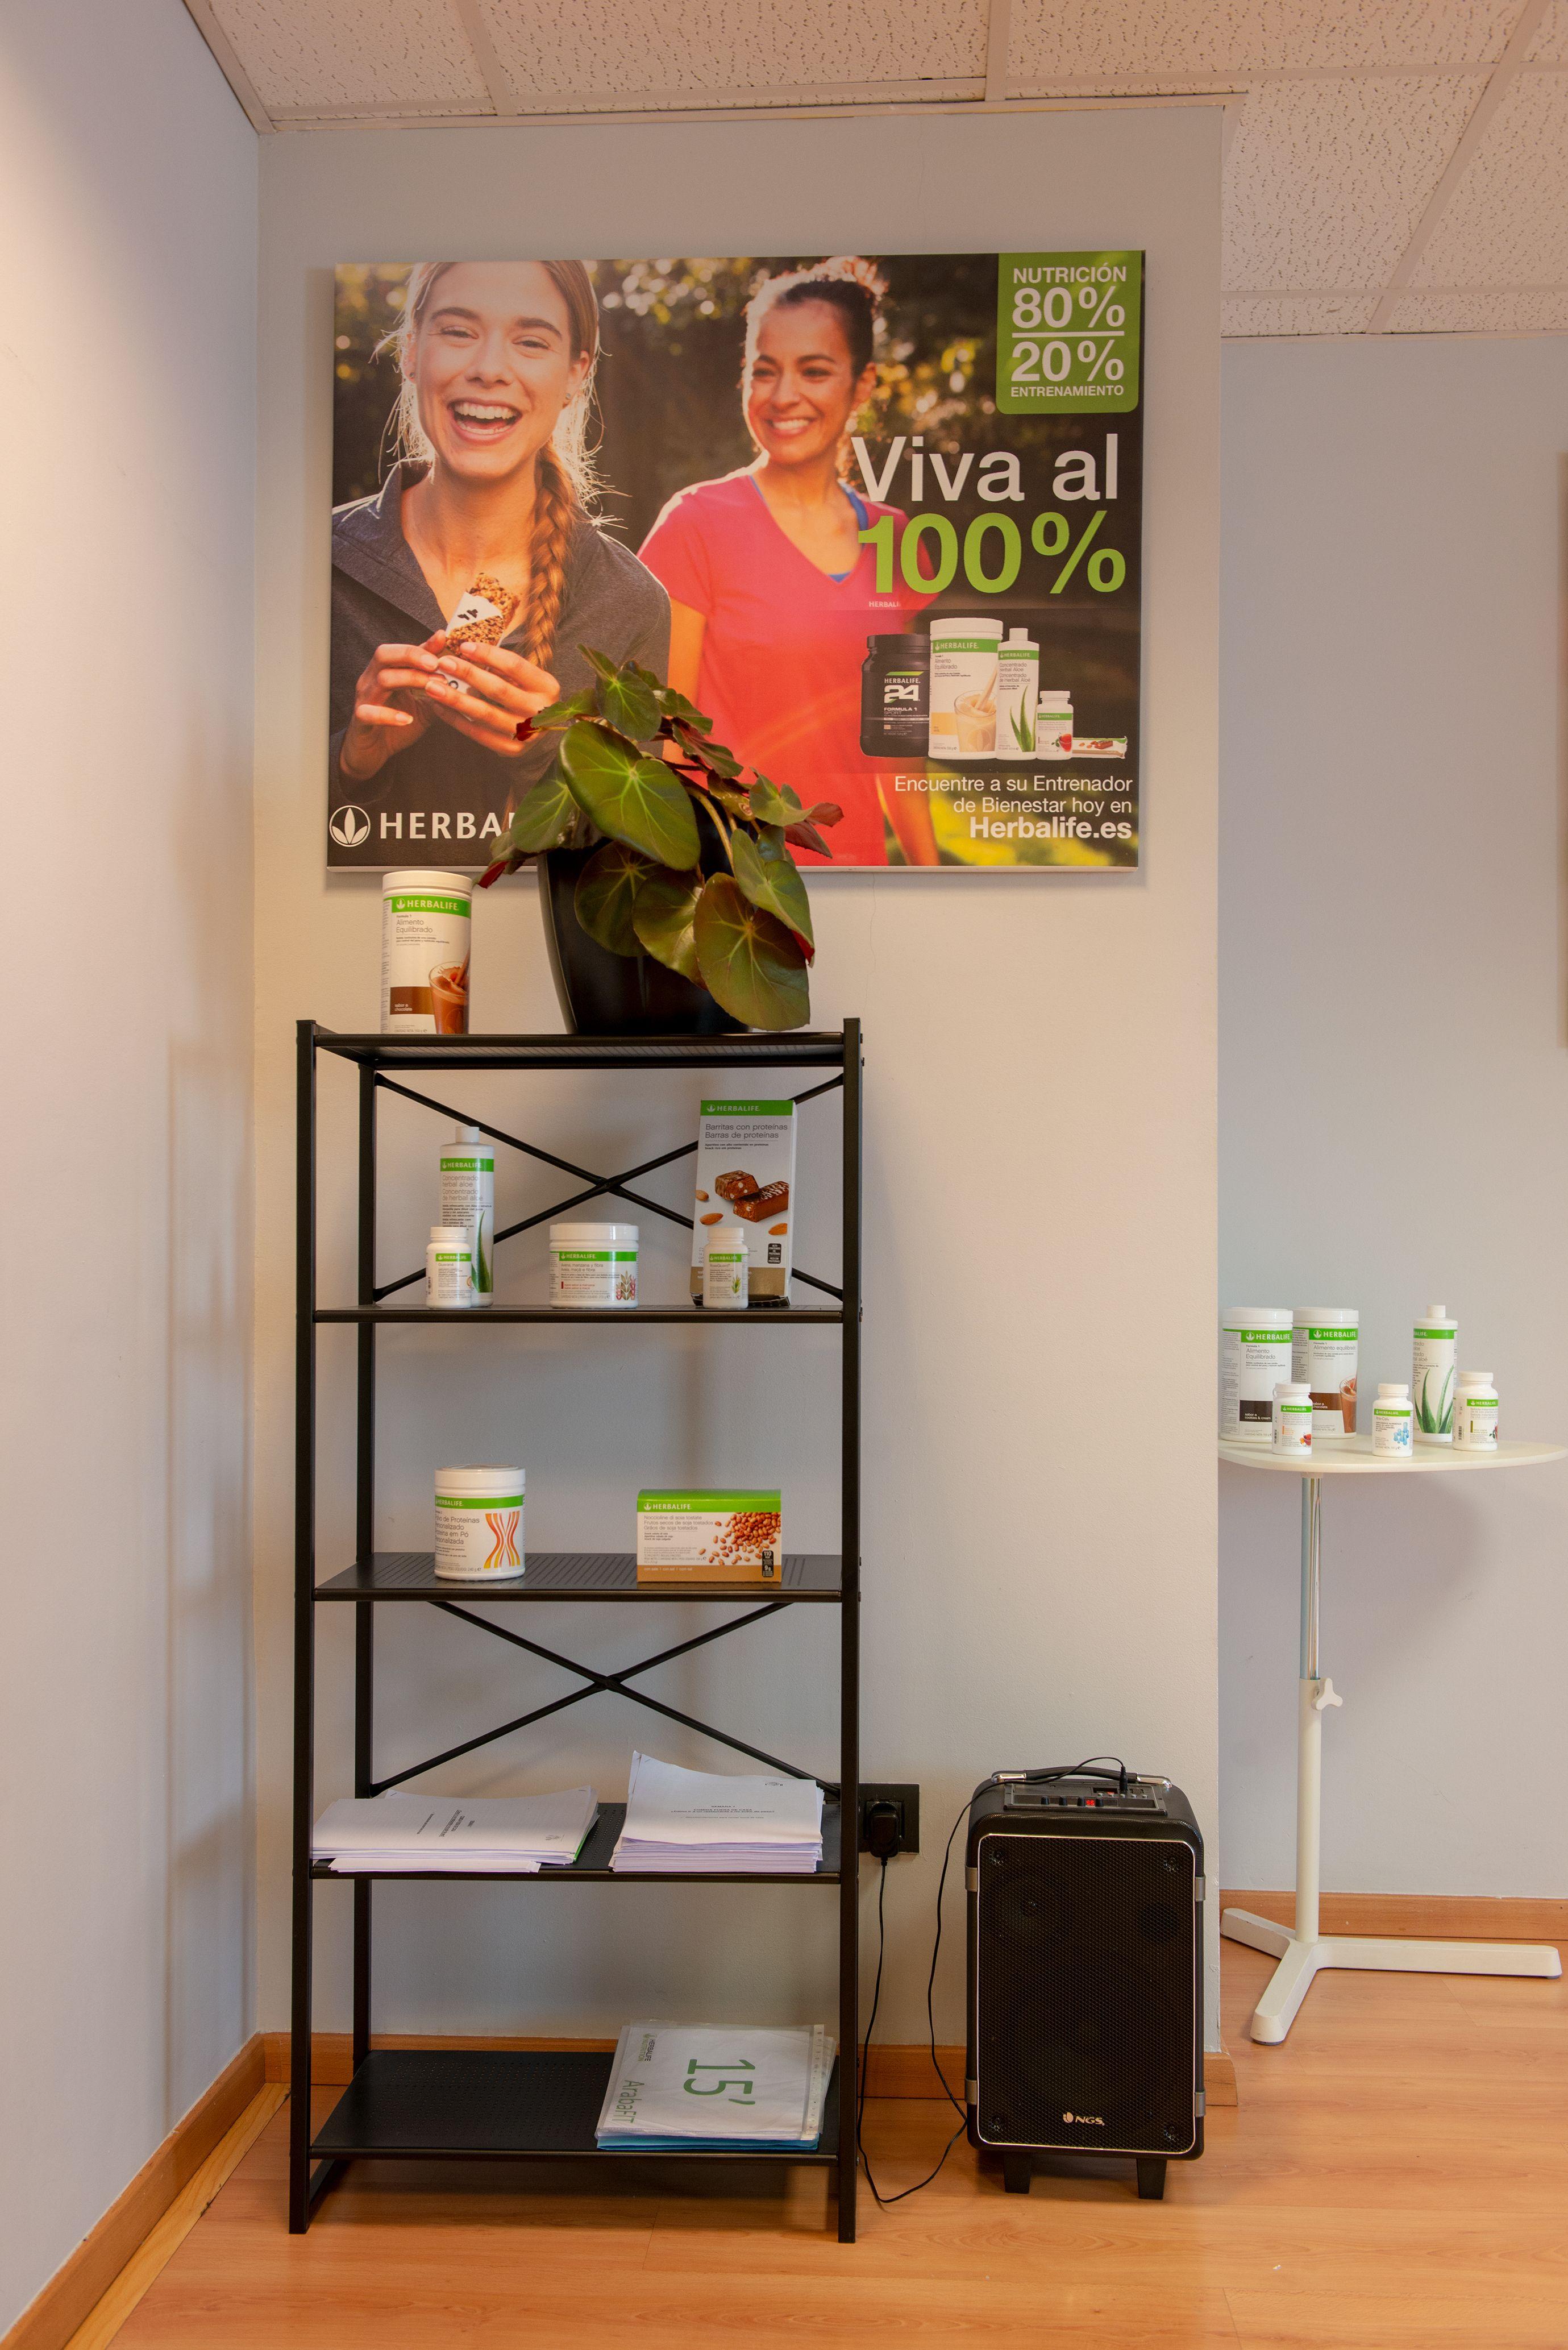 Somos asesores de Bienestar & Nutrición, estamos en Vitoria